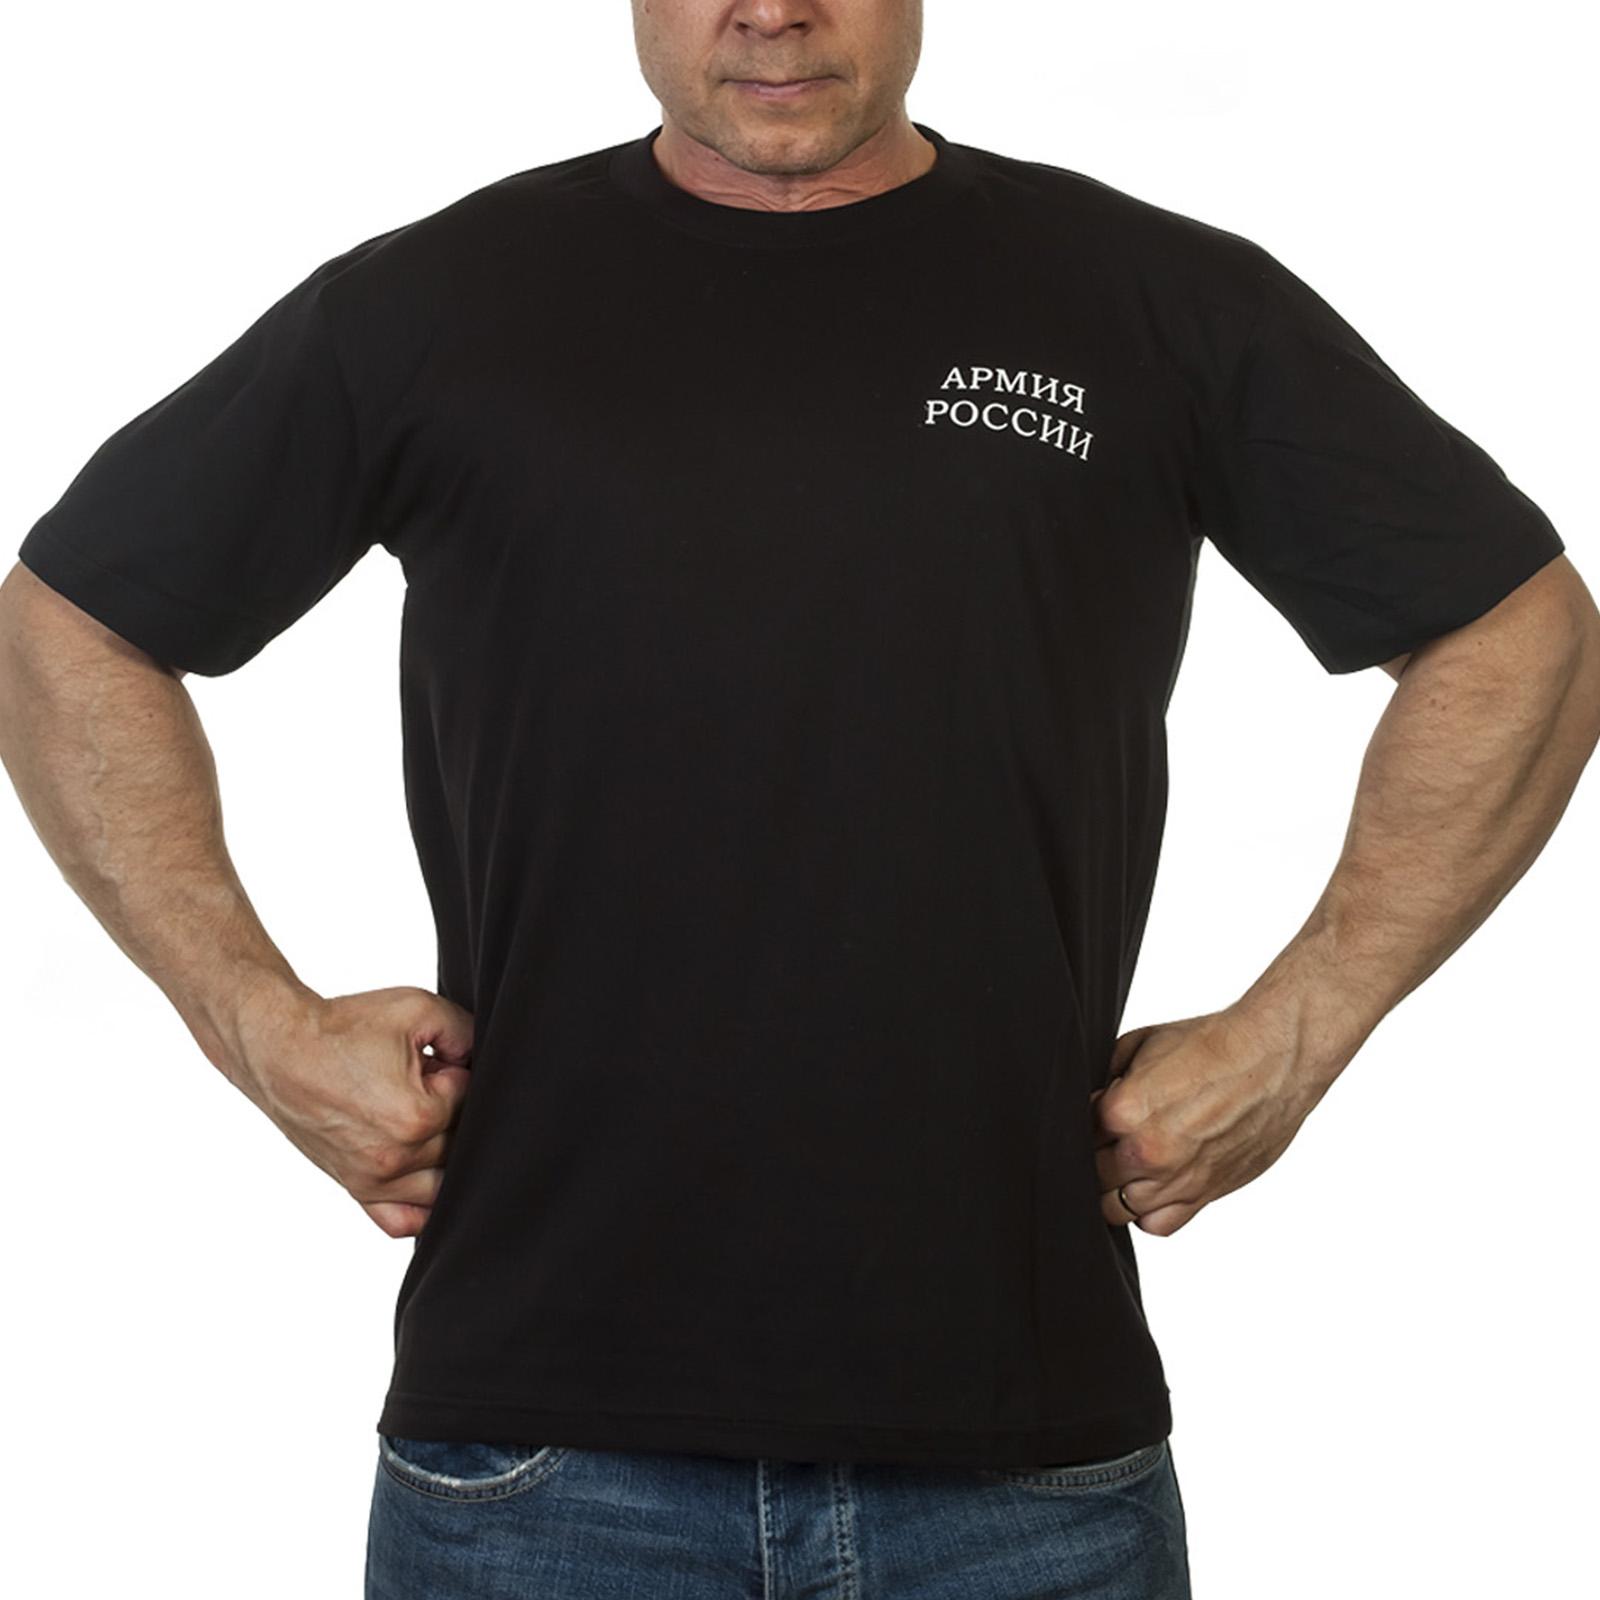 Купить черную футболку Армия России